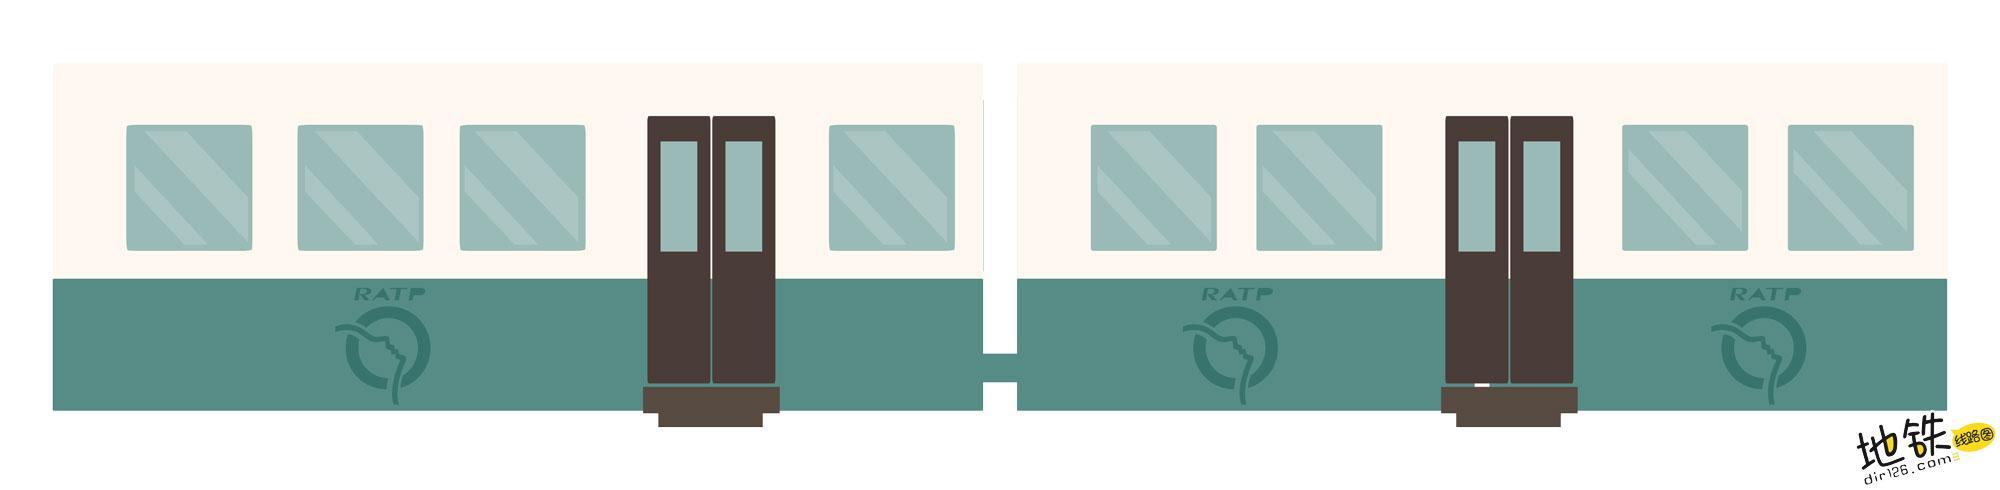 轨道交通地铁列车ATO自动驾驶和人工驾驶有何不同? 人工驾驶 ATO ATP 列车 轨道交通 地铁 轨道知识  第1张